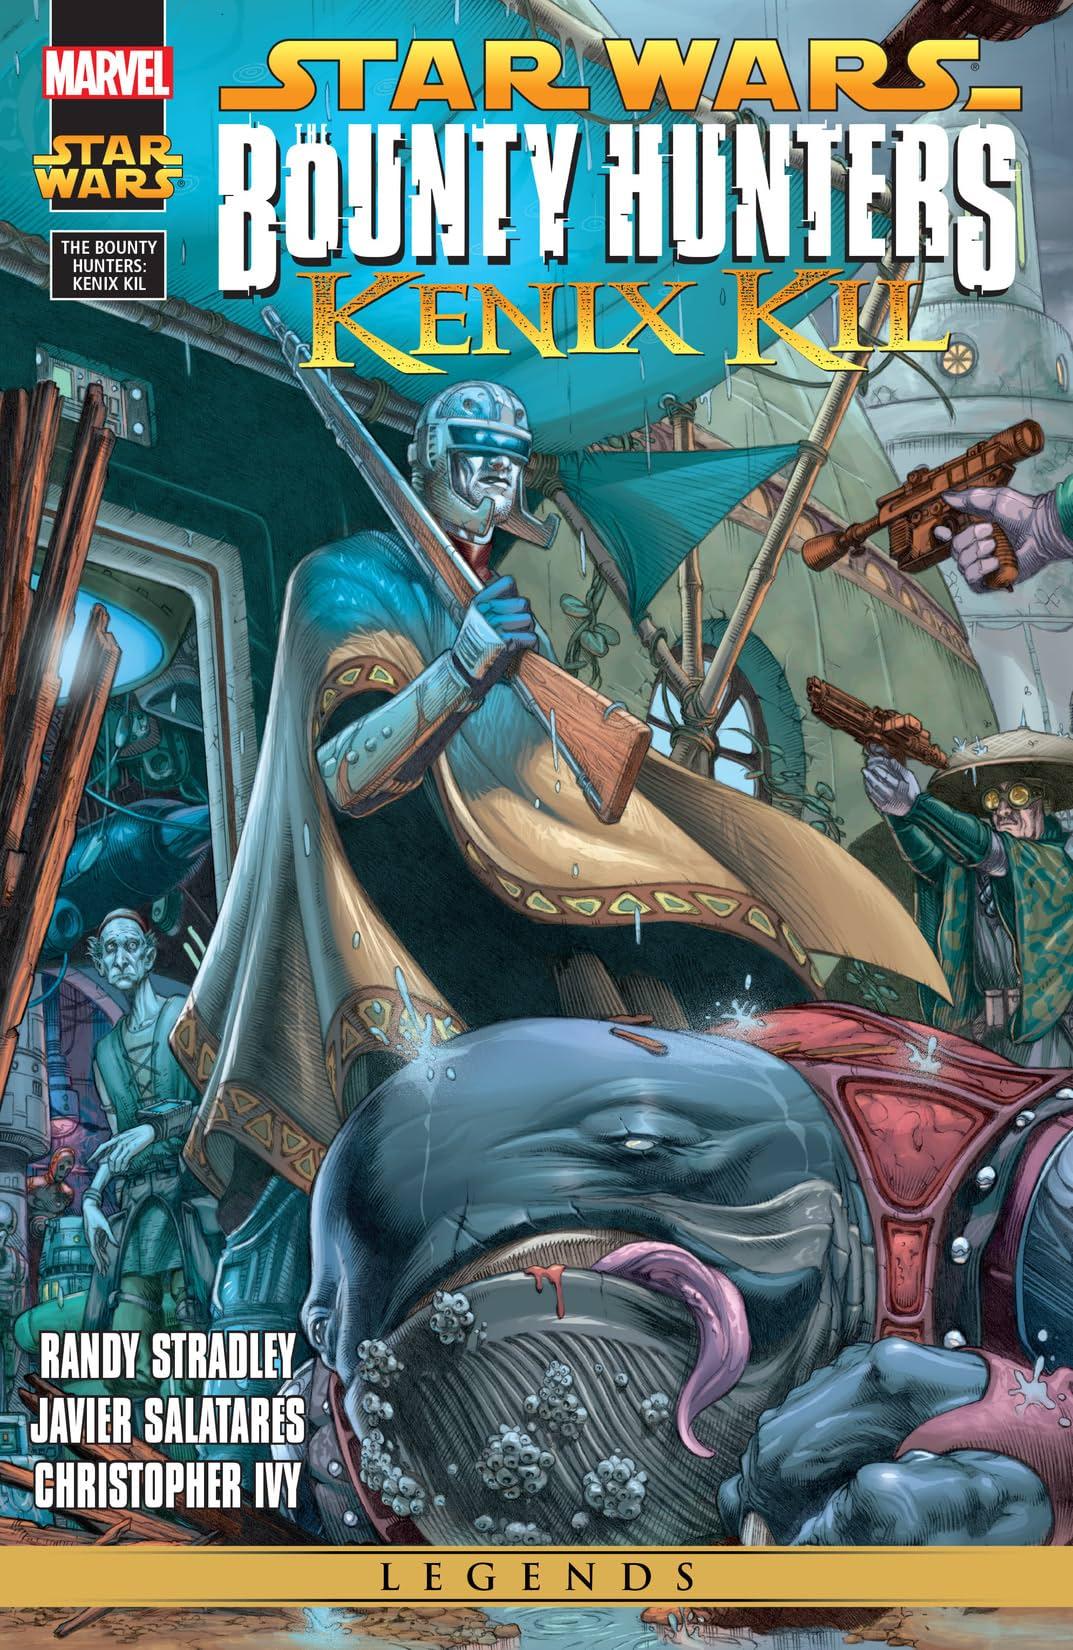 Star Wars: The Bounty Hunters - Kenix Kil (1999)